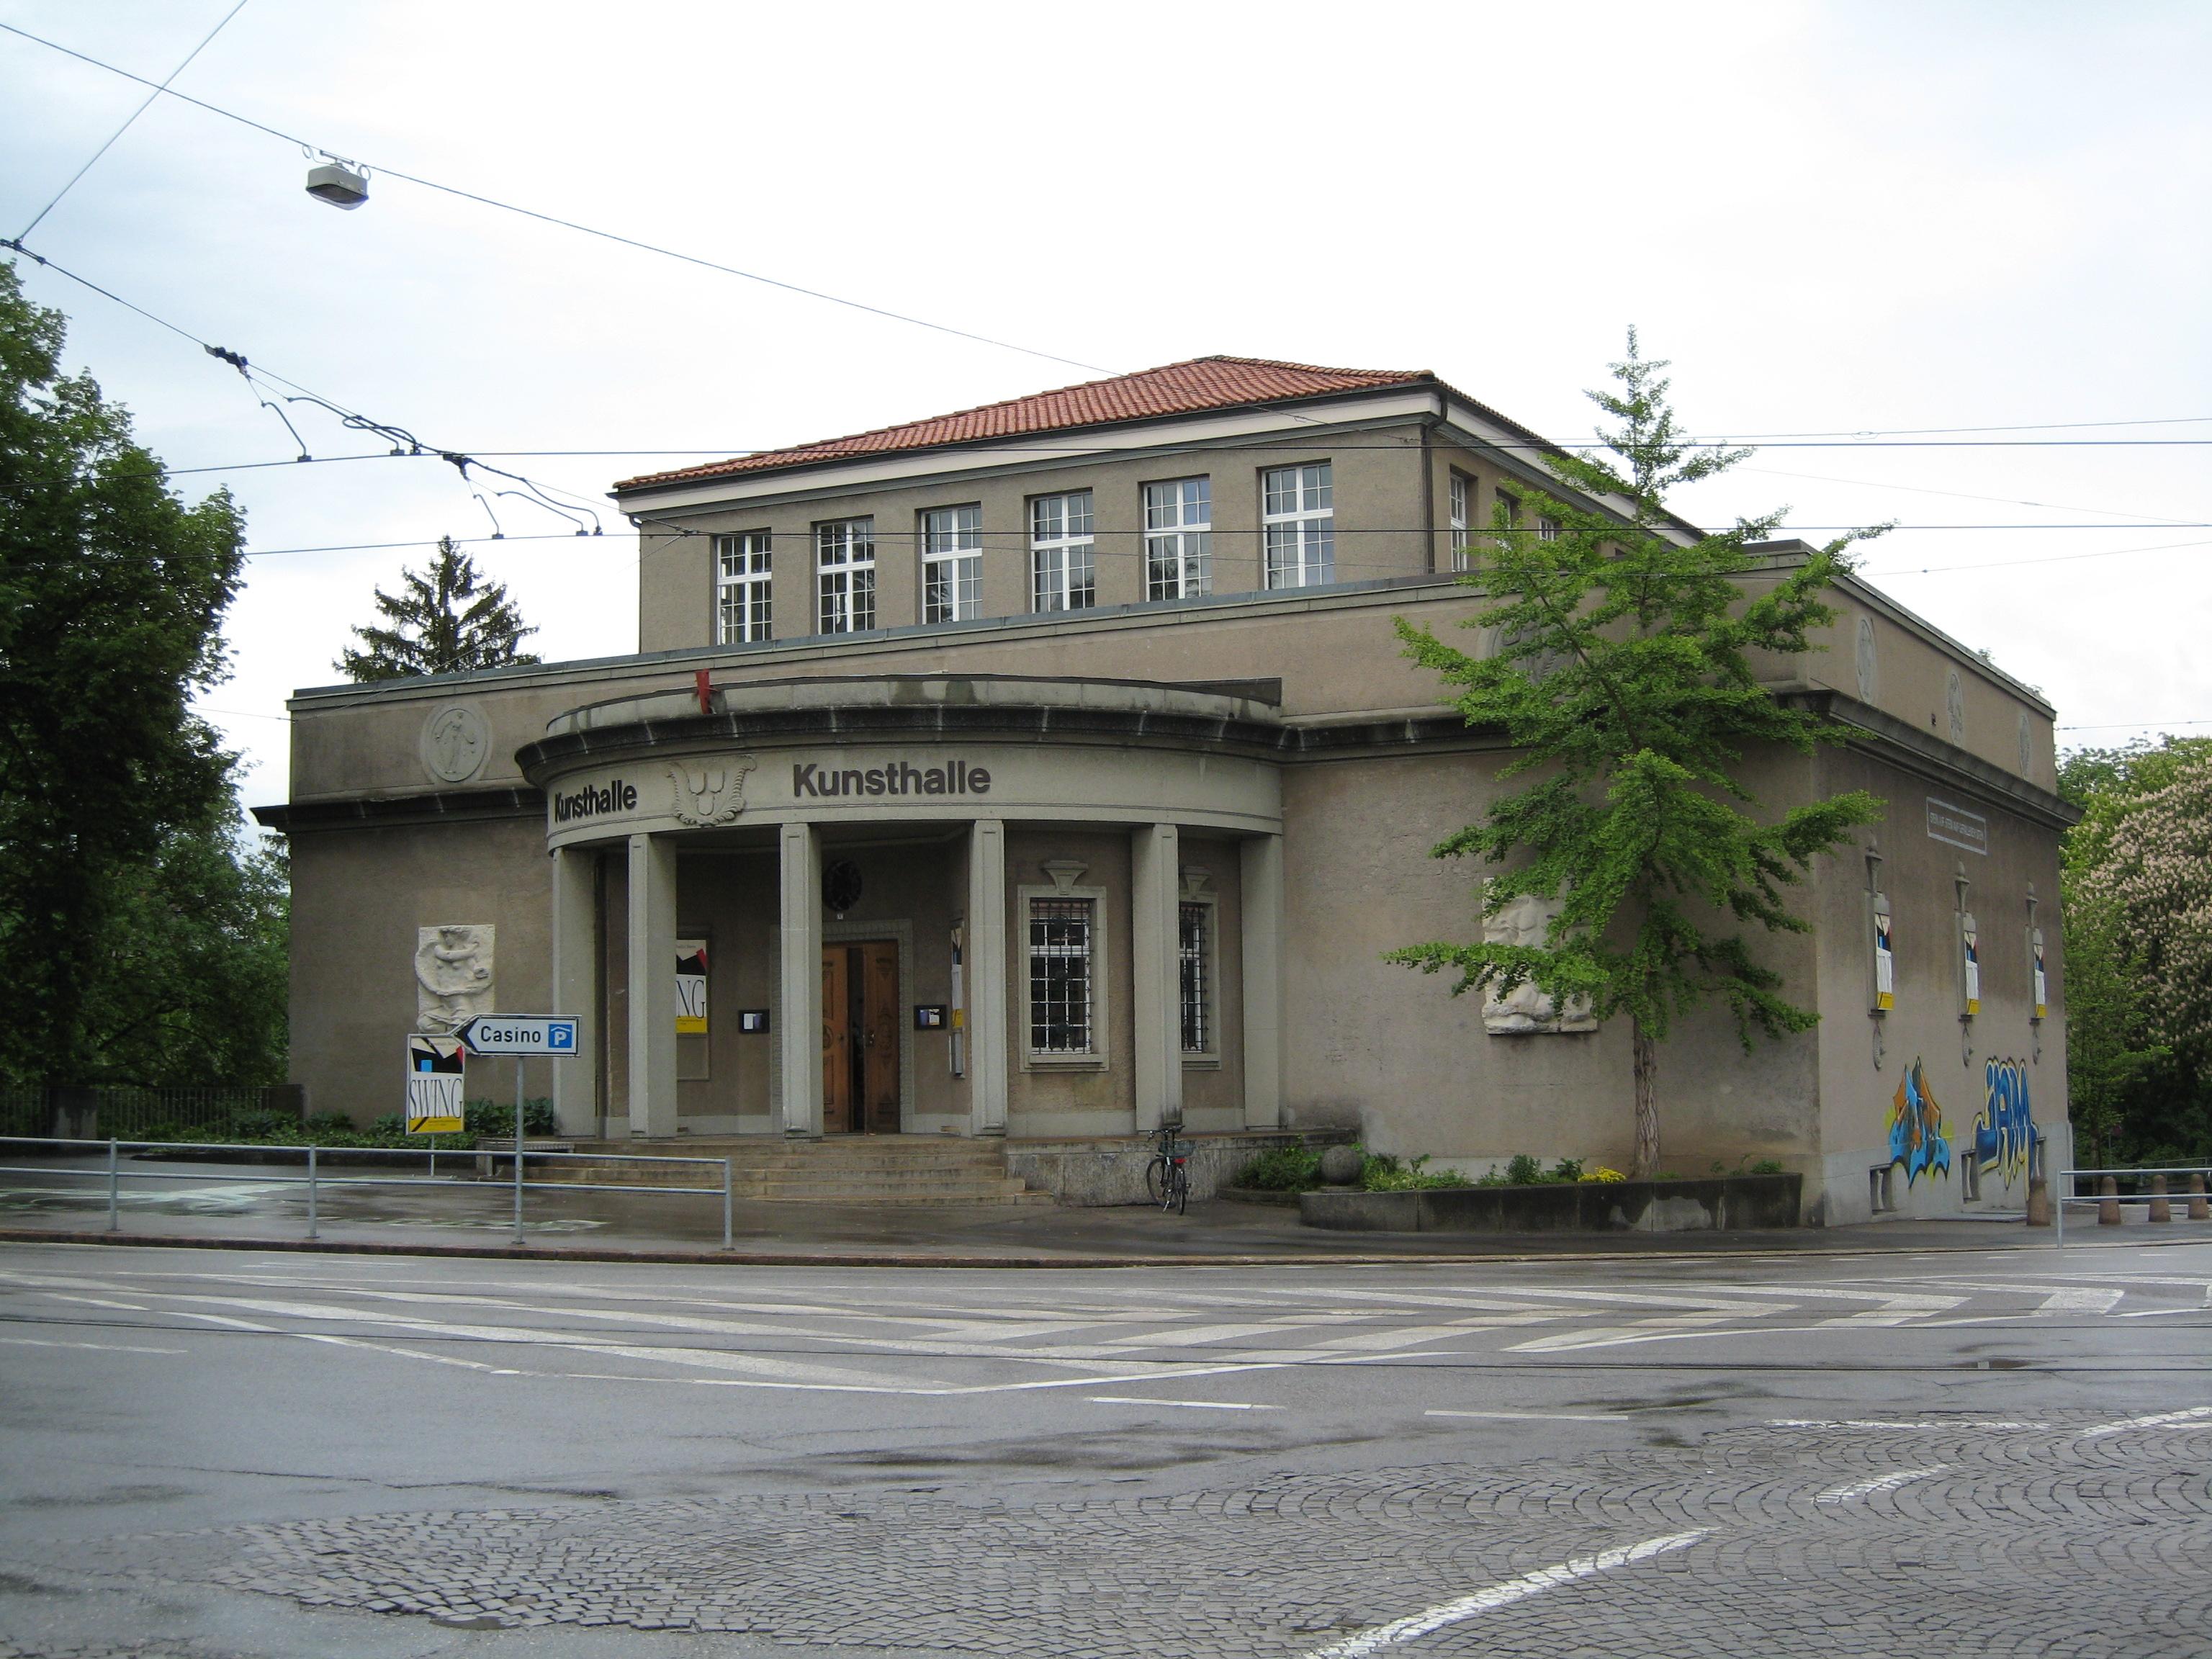 Kunsthalle Bern Wikipedia